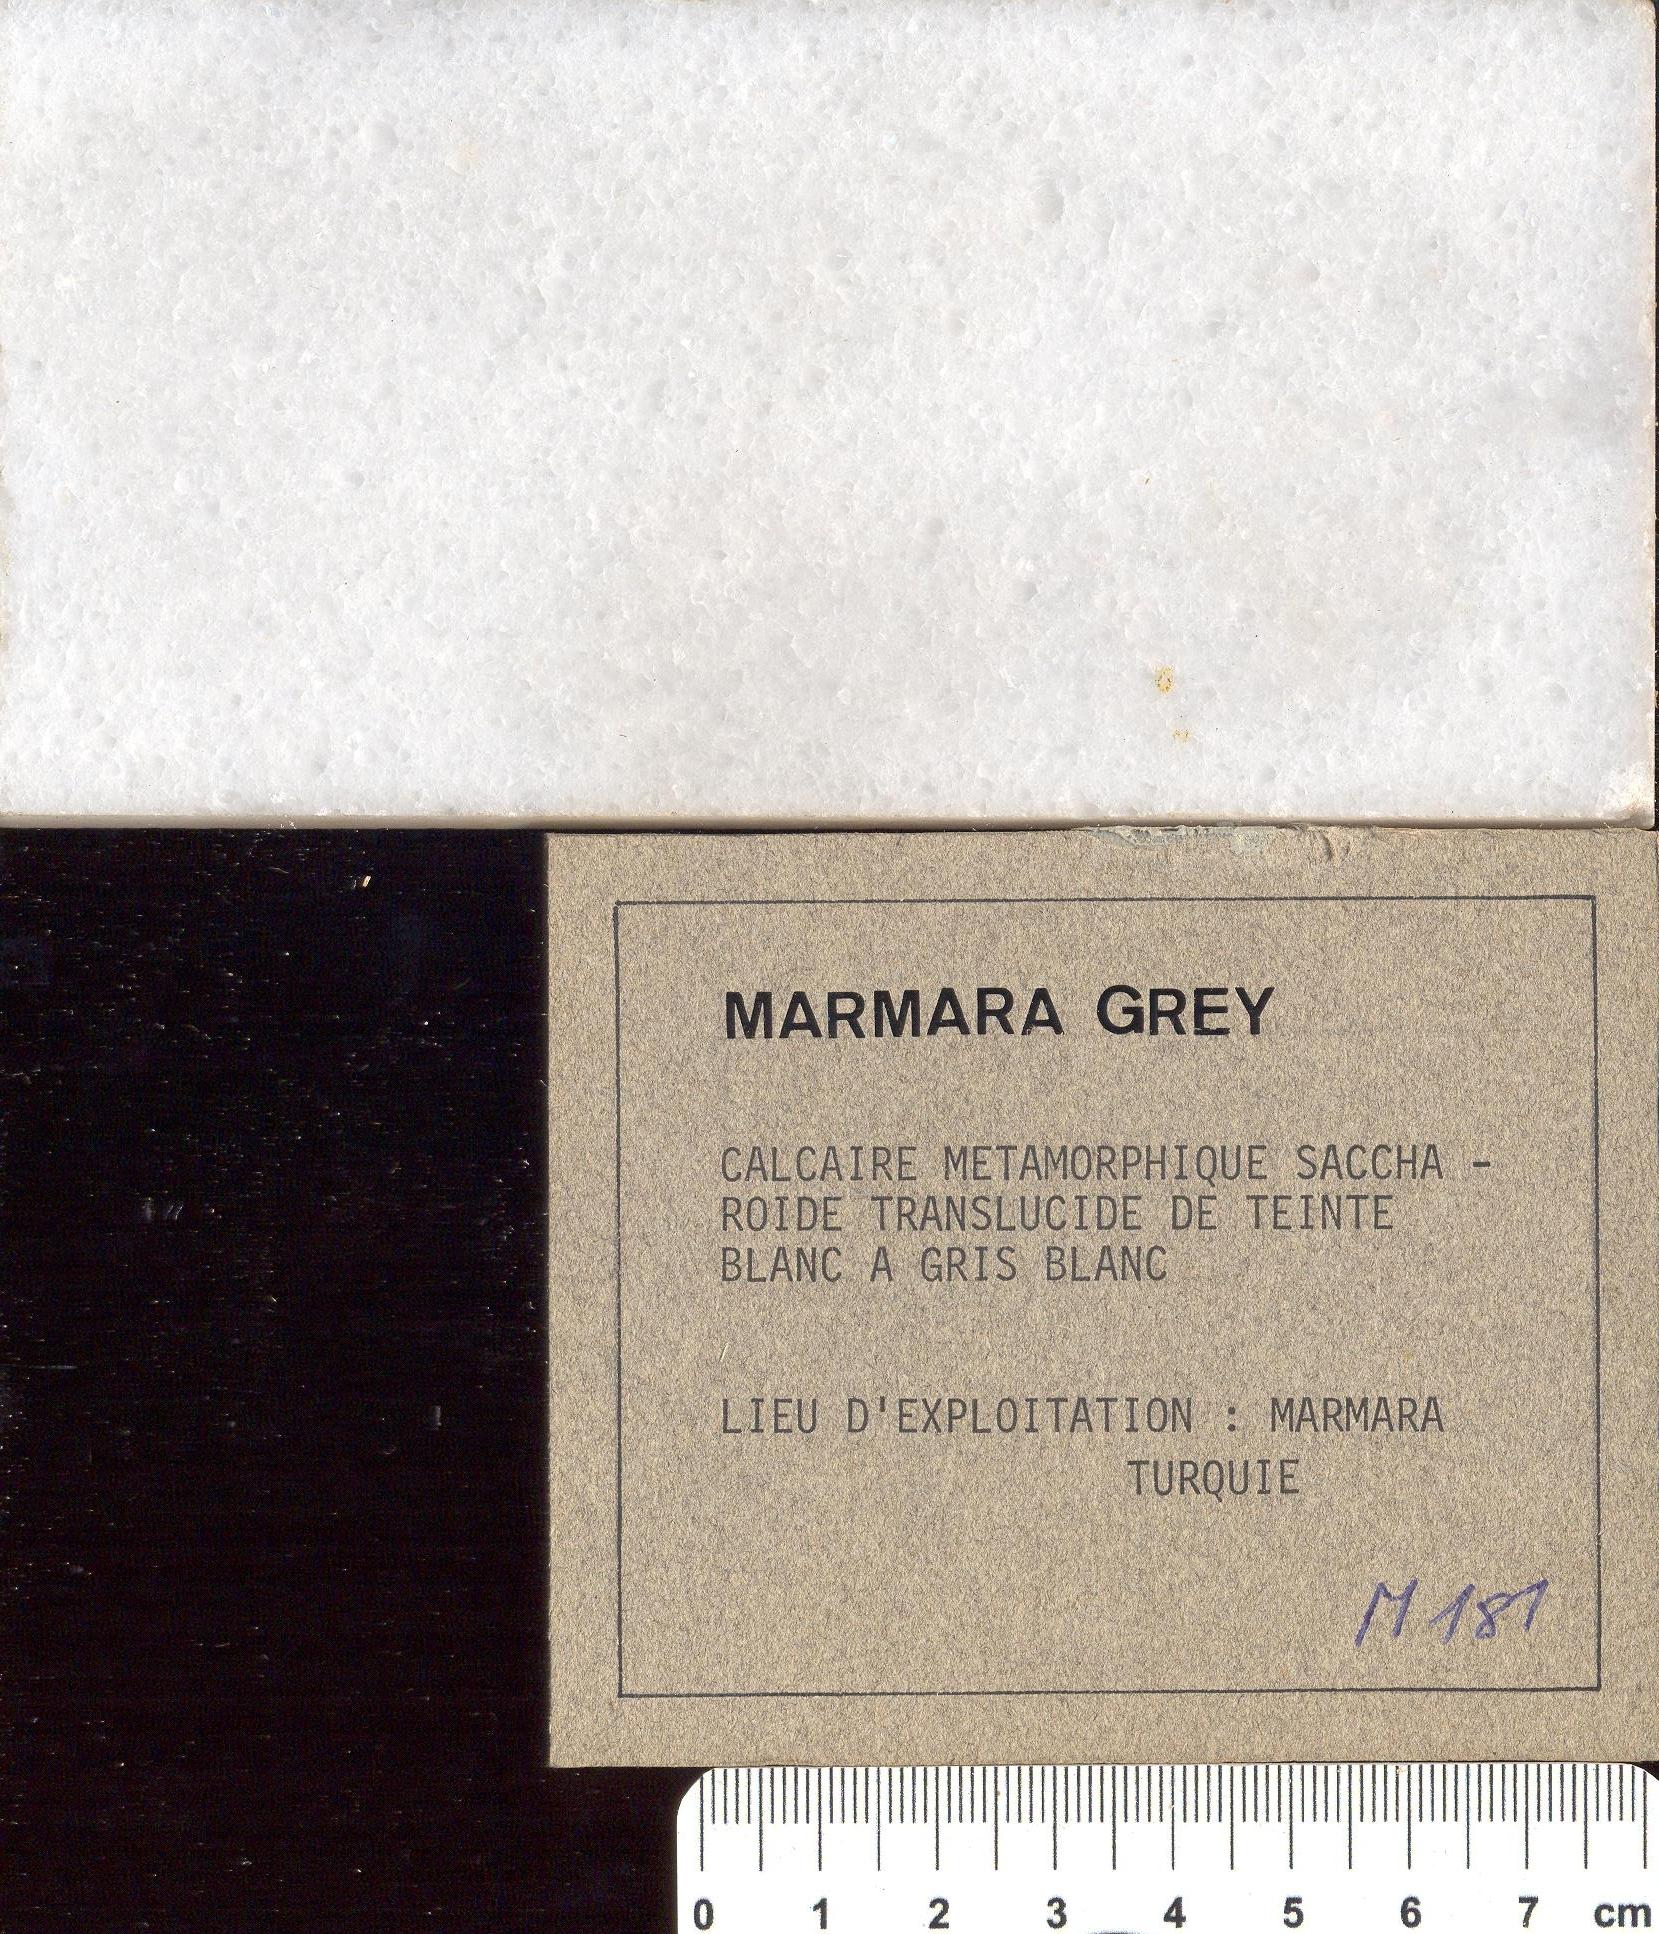 Marmara Grey M181